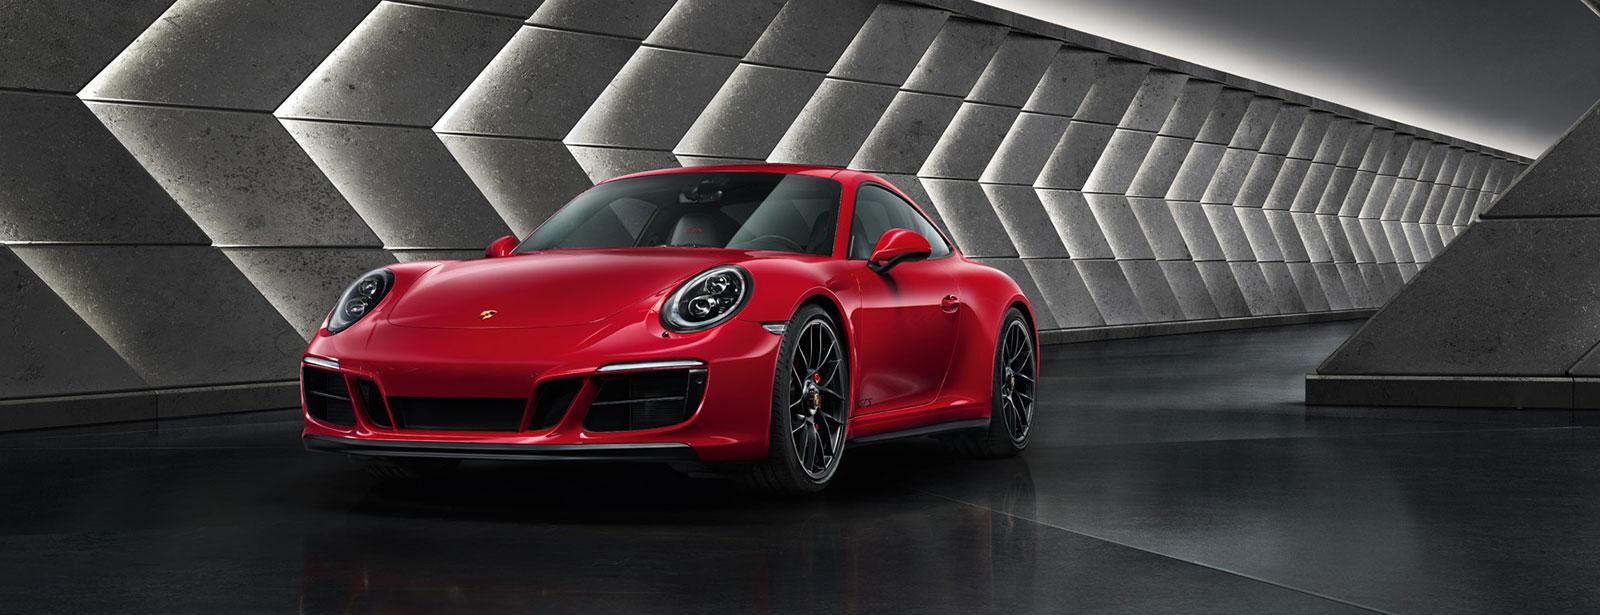 Leasing | Porsche 911 GTS